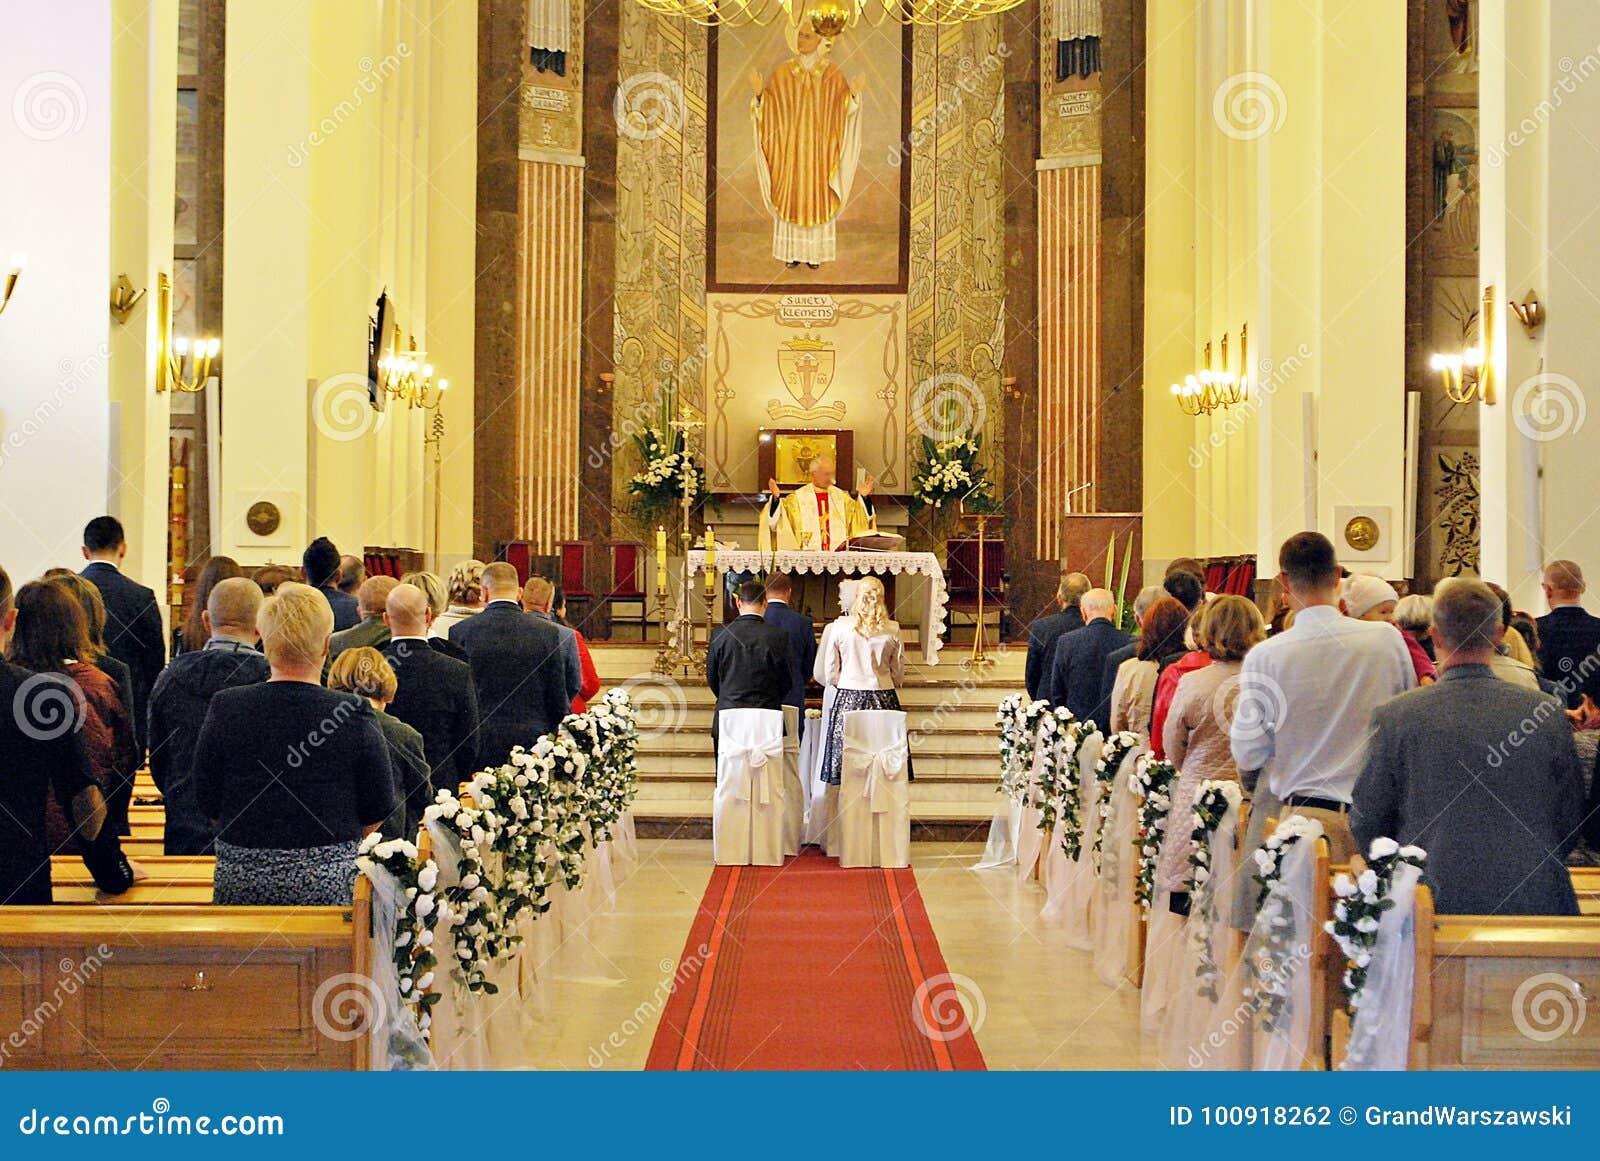 Église Catholique De Cérémonie De Mariage Photographie